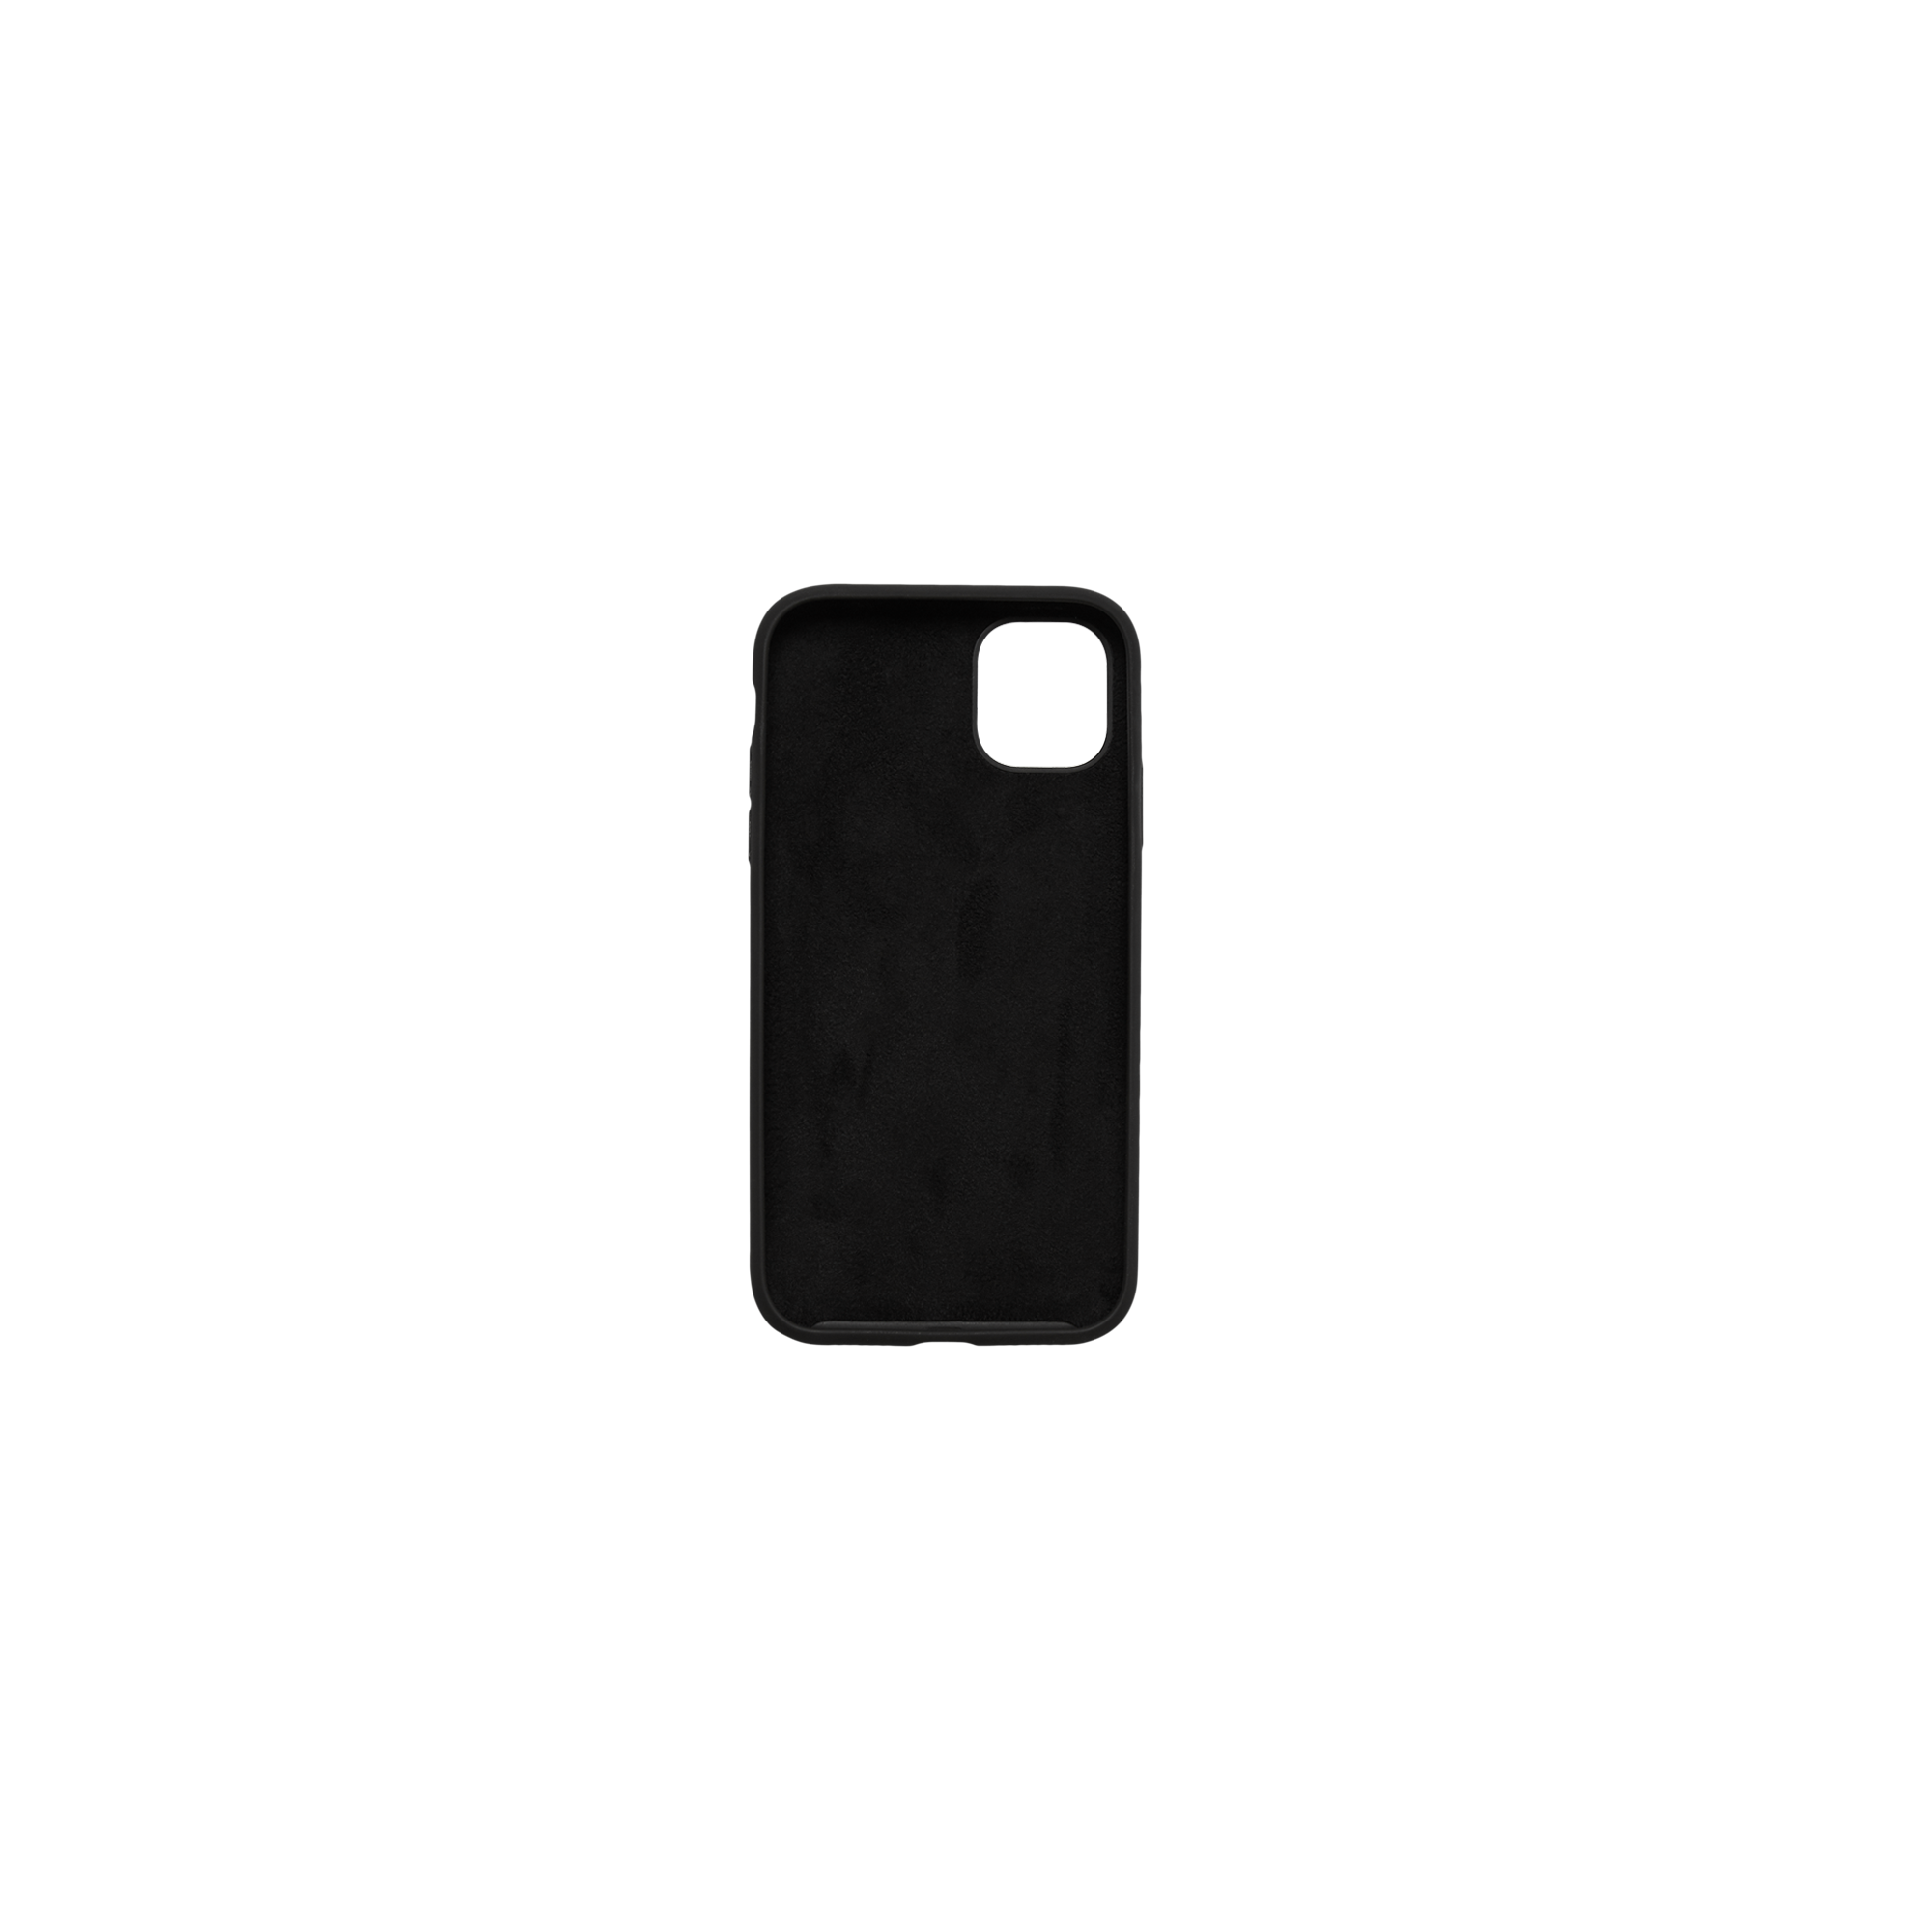 FUXURY LOGO IPHONE CASE BLACK